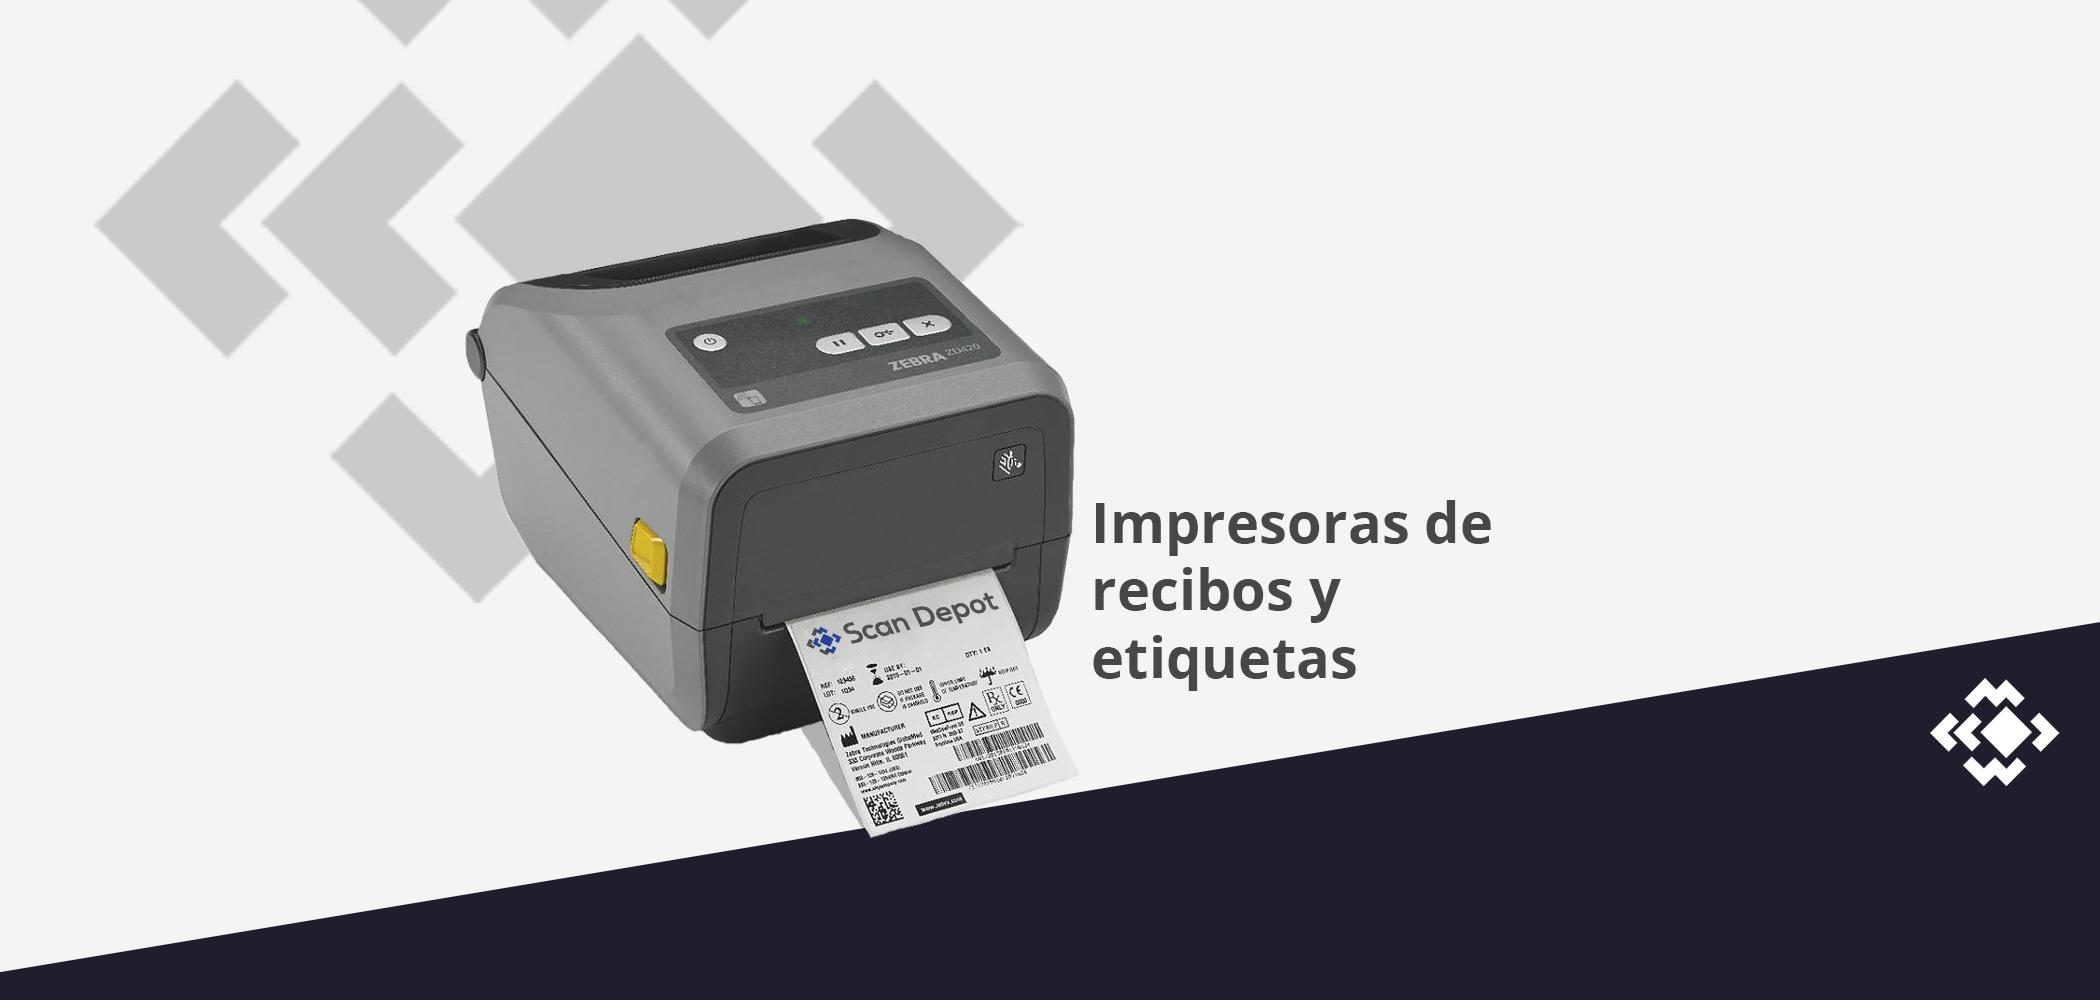 Impresoras de recibos y etiquetas | ZD420